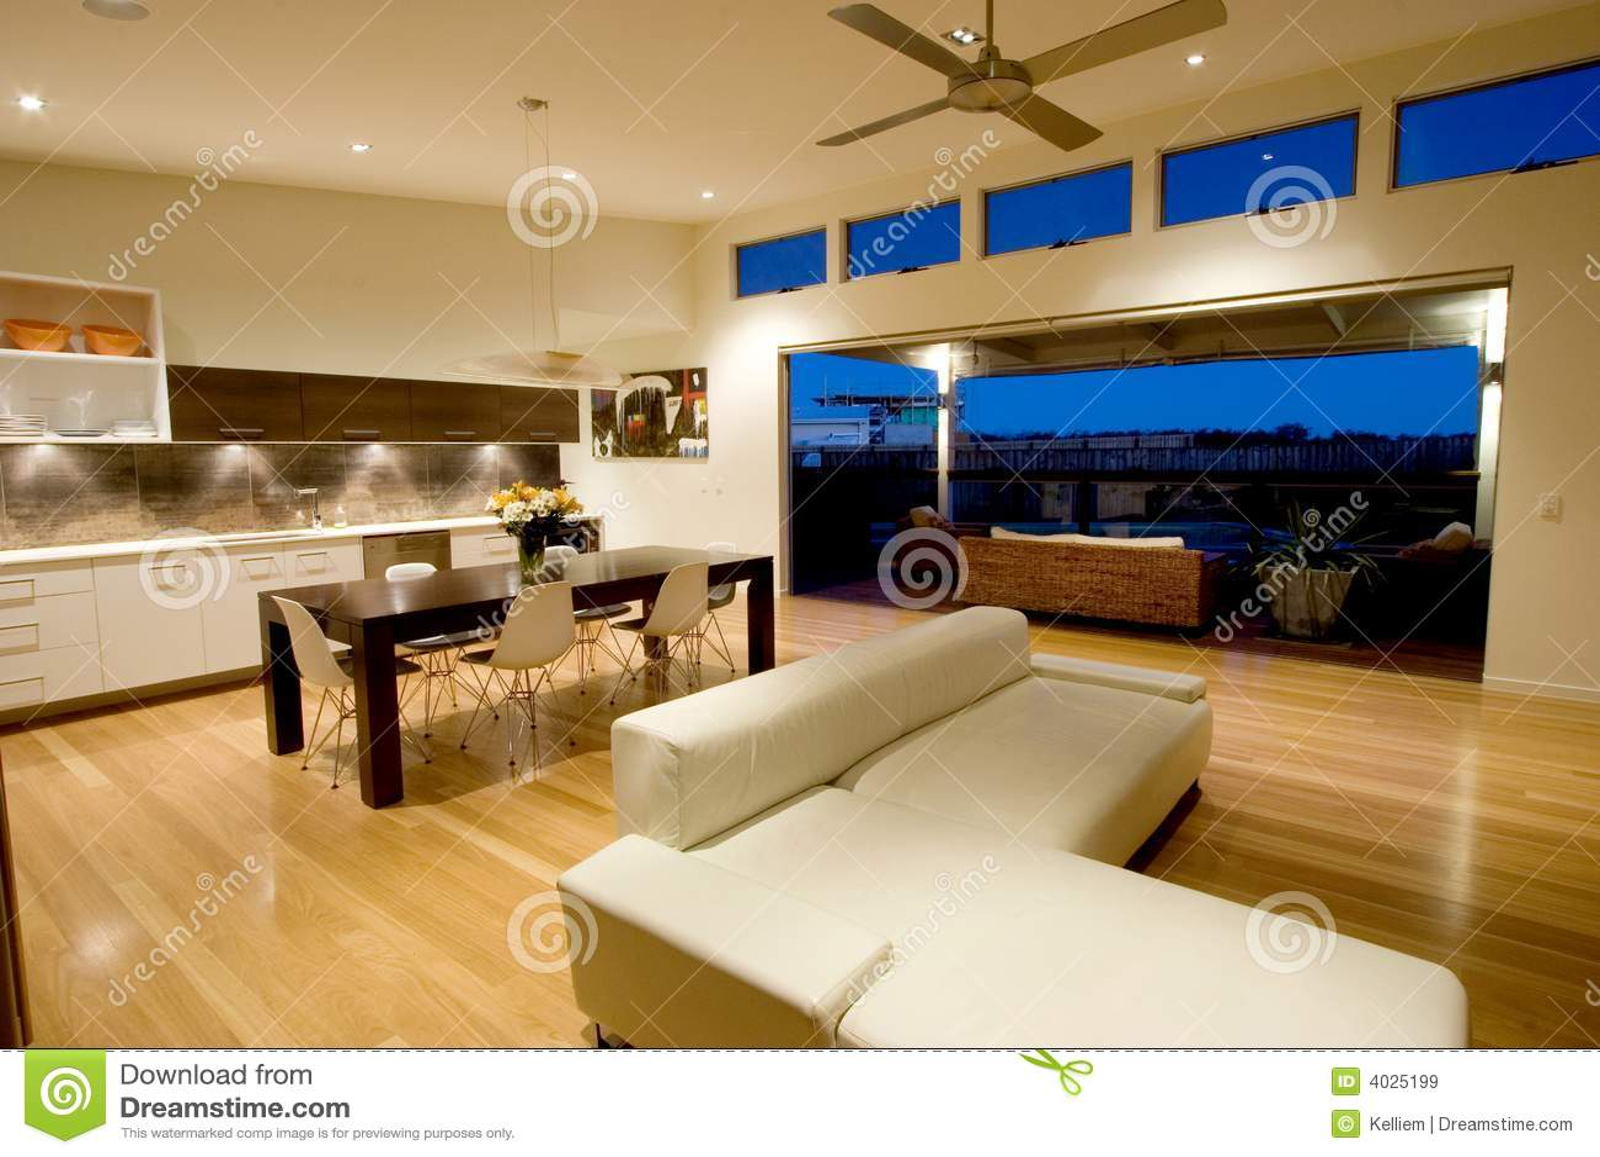 Appartamento moderno immagine stock immagine di cielo for Appartamenti moderni immagini